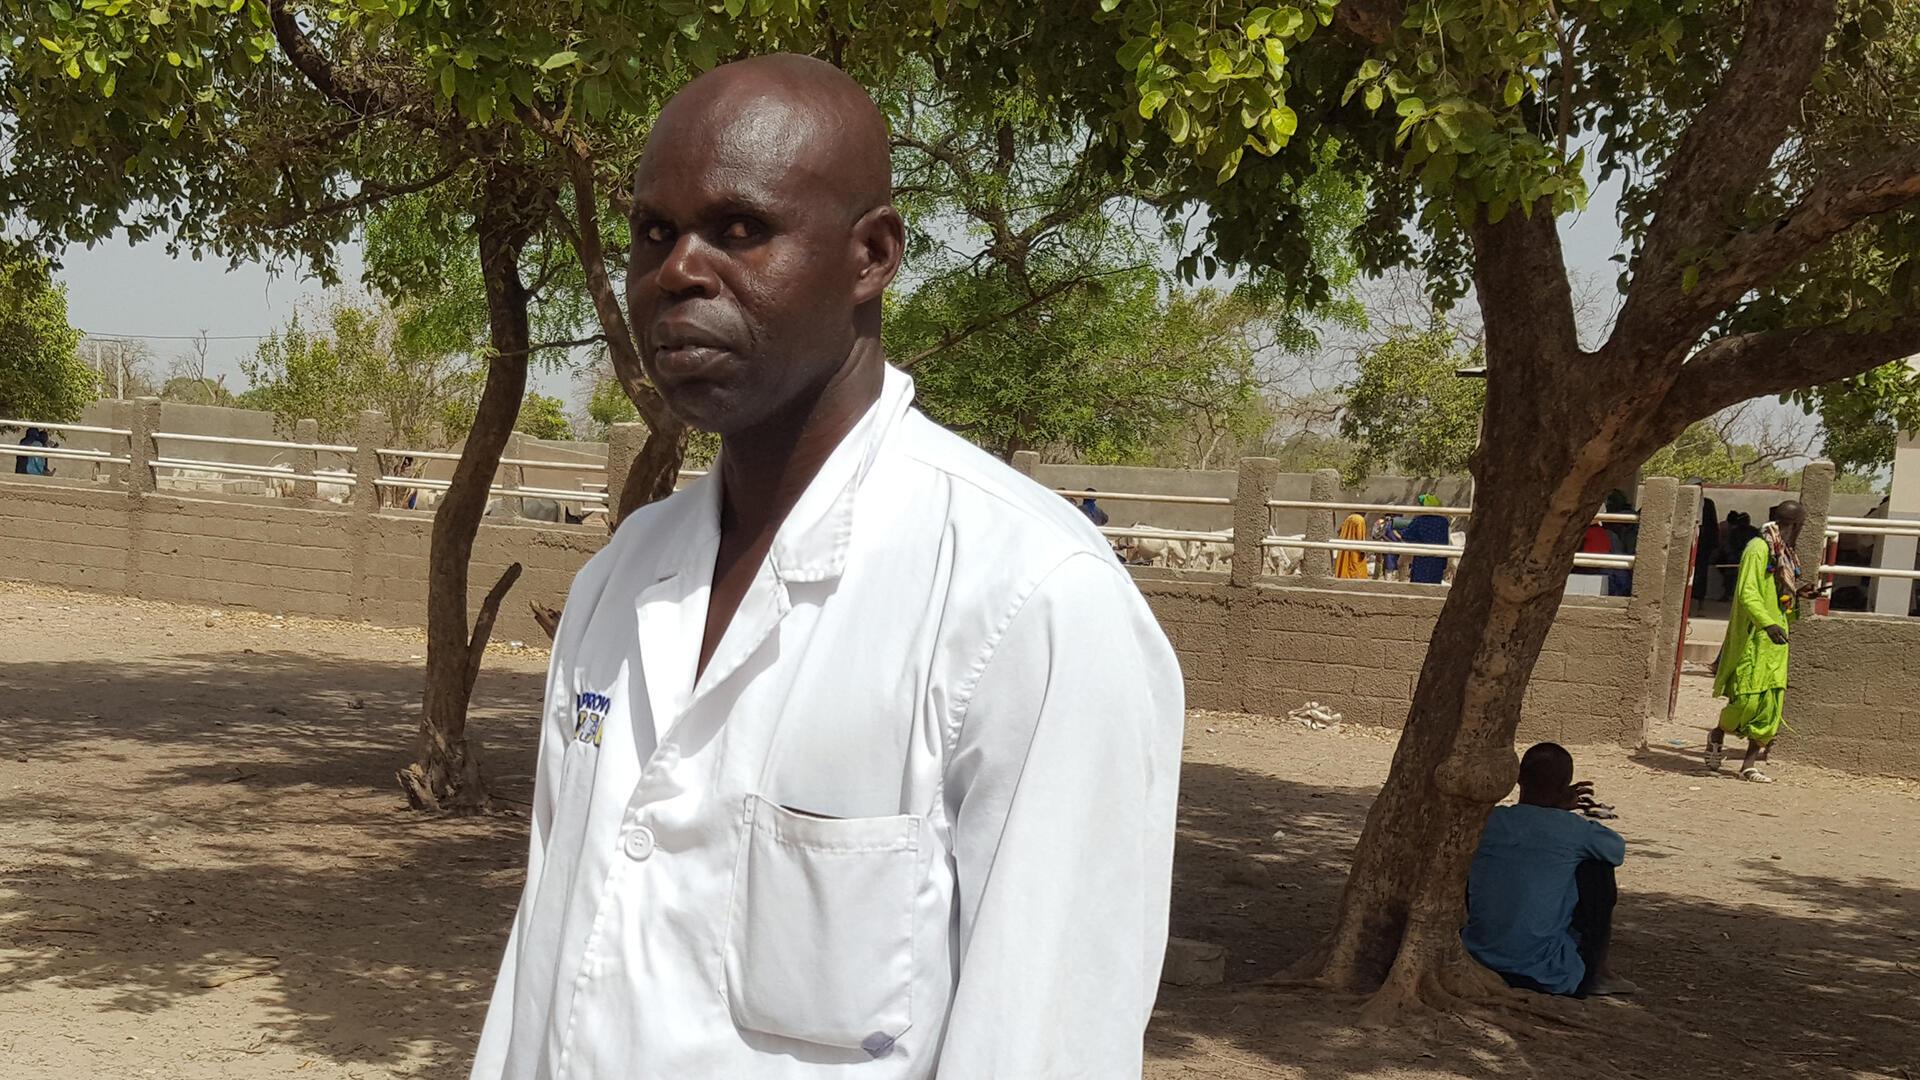 Sénégal - Docteur Mamadou Traoré, chef de poste vétérinaire de Malem Niani, dans le département de Koumpentoum - Le coq chante 11 juillet 2021